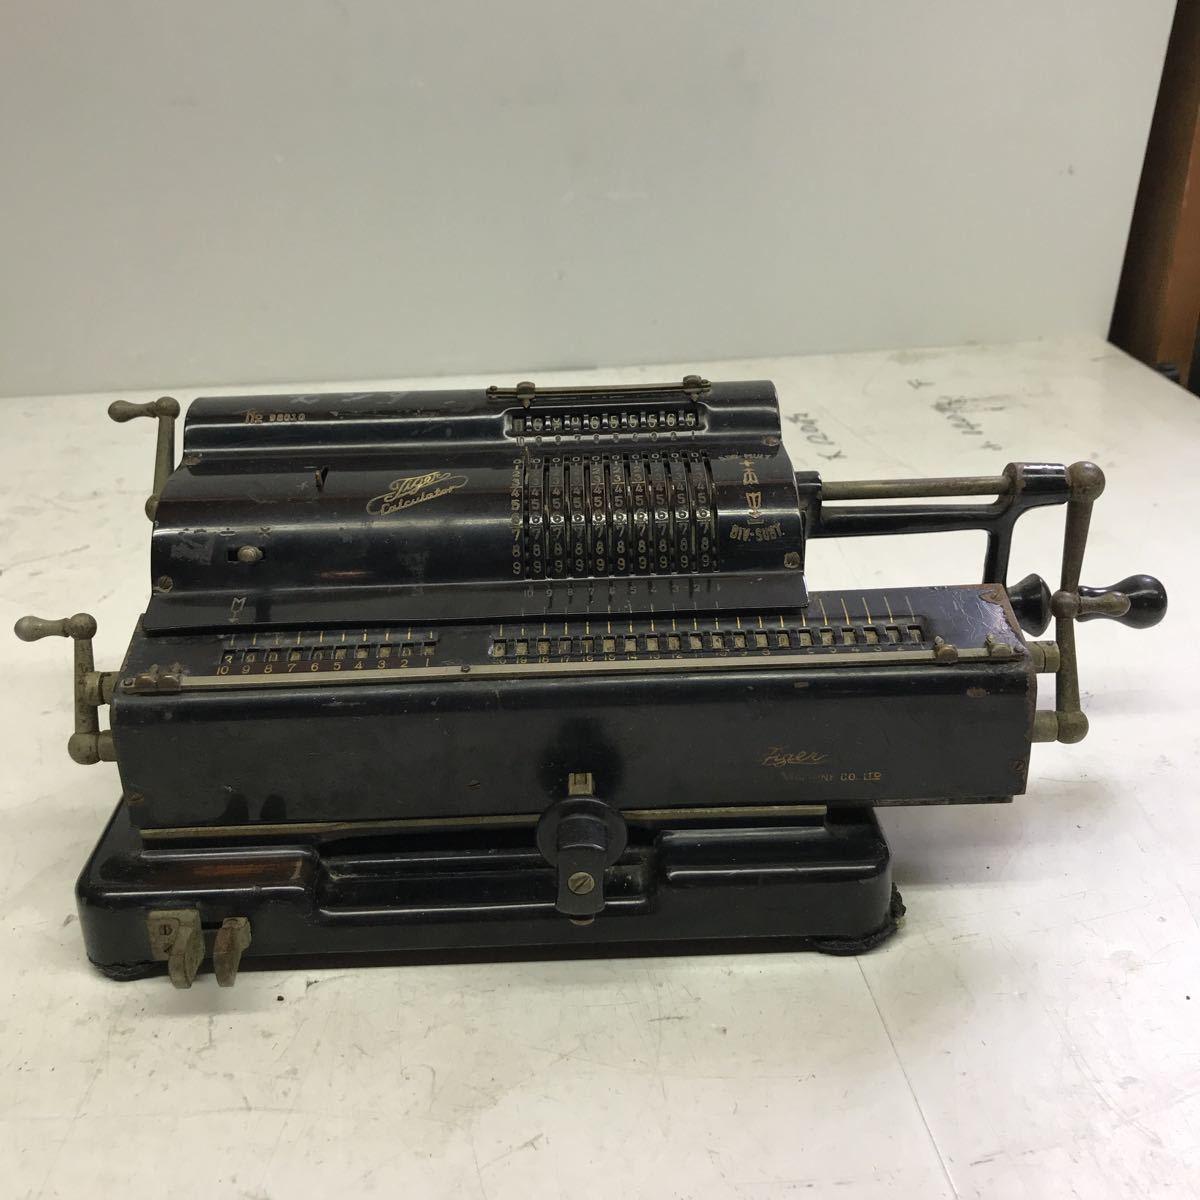 Tiger calculator タイガー計算機手回し 黒 ブラック 昭和レトロ タイガー 機械式計算機 アンティーク 手動式 _画像4